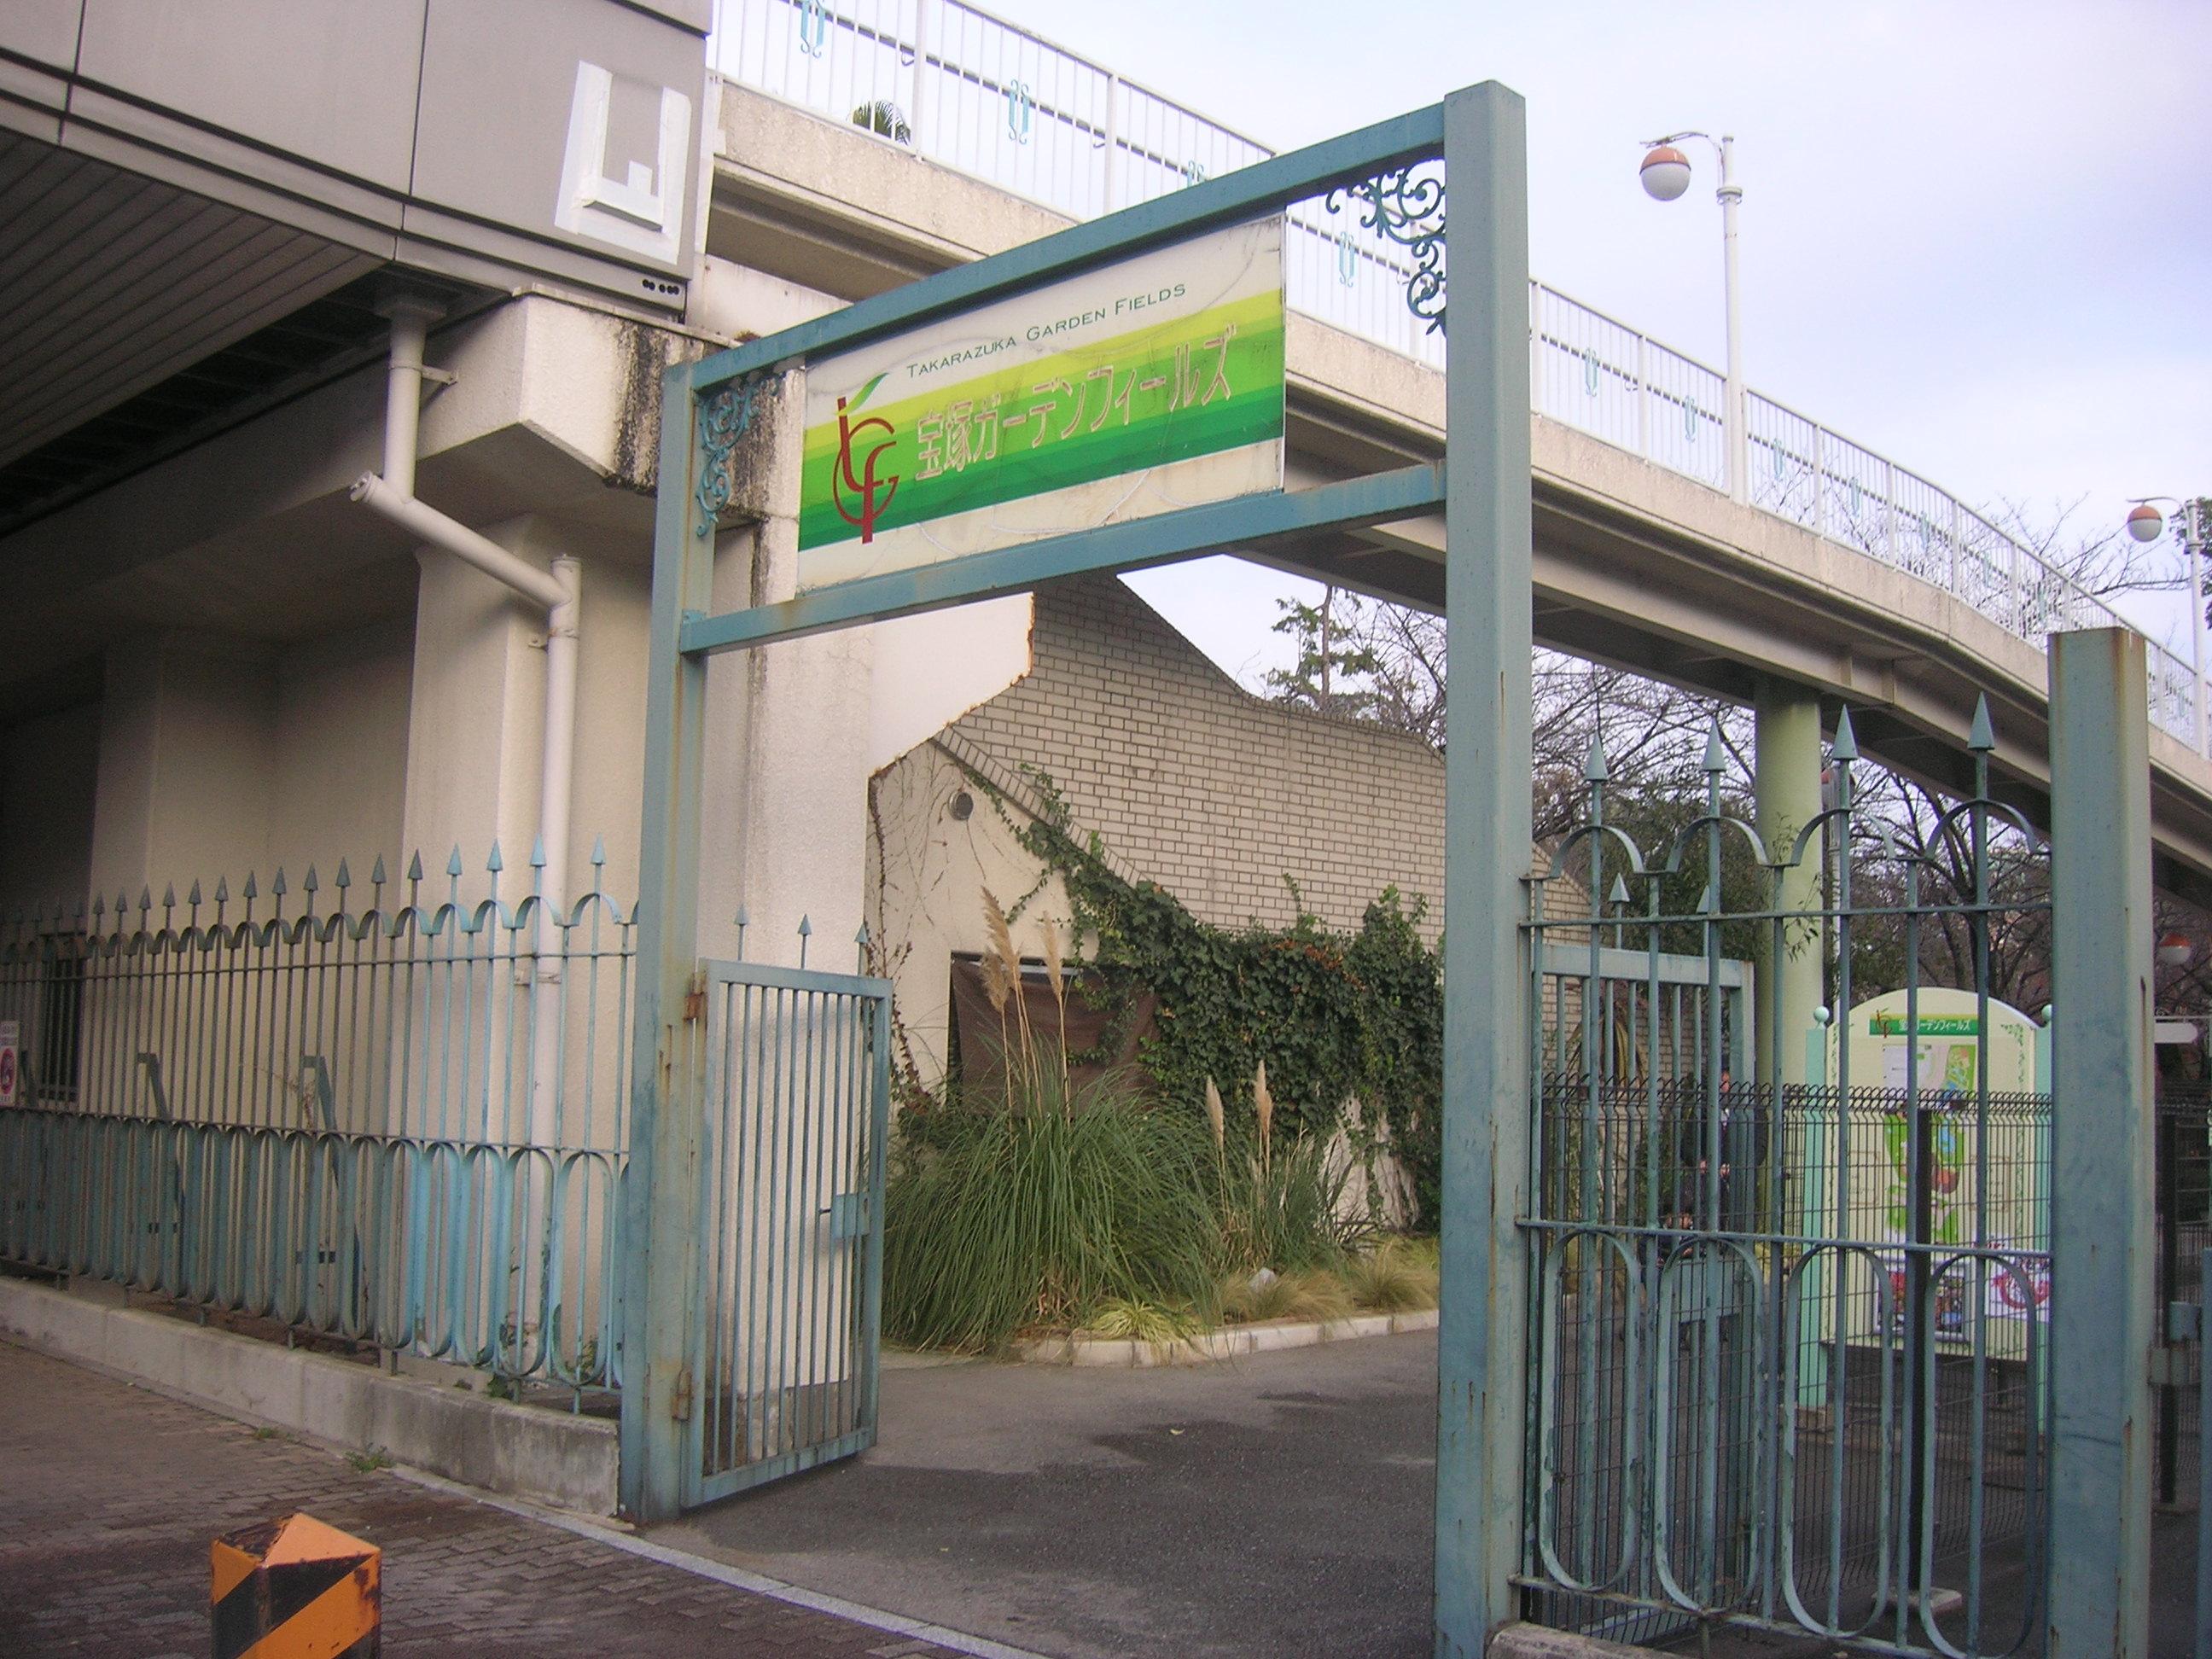 宝塚ガーデンフィールズエントランス